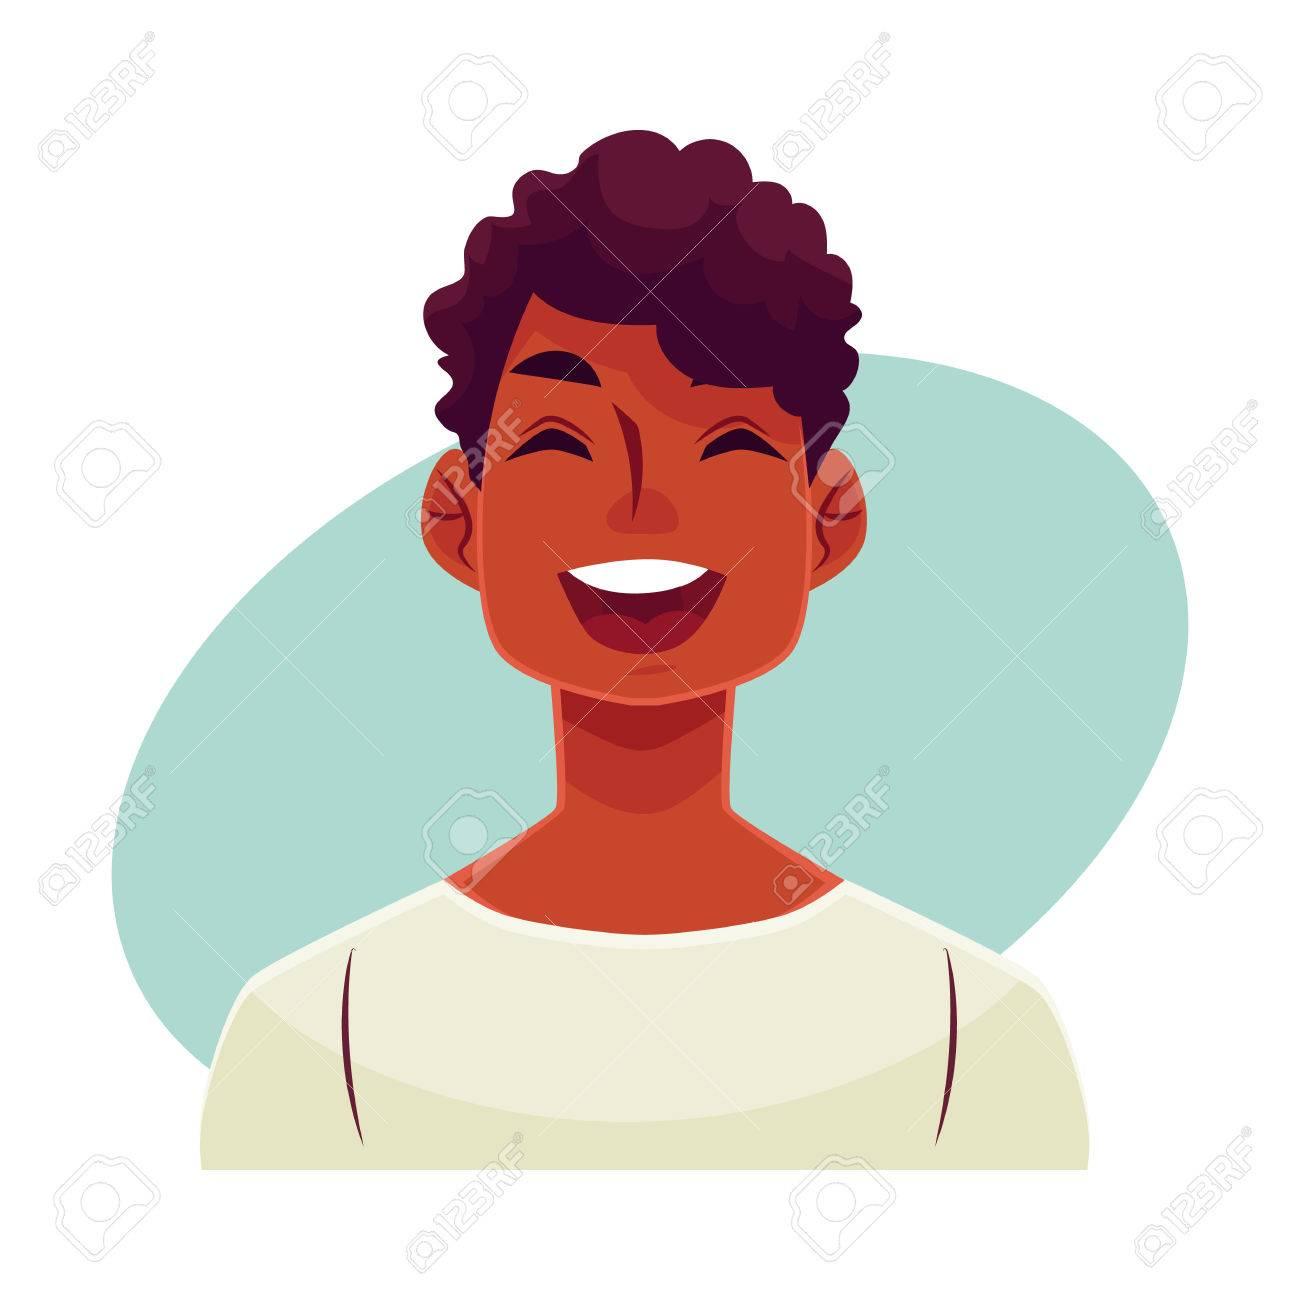 Jeune Visage Africain De L Homme Rire Expression Du Visage Vecteur